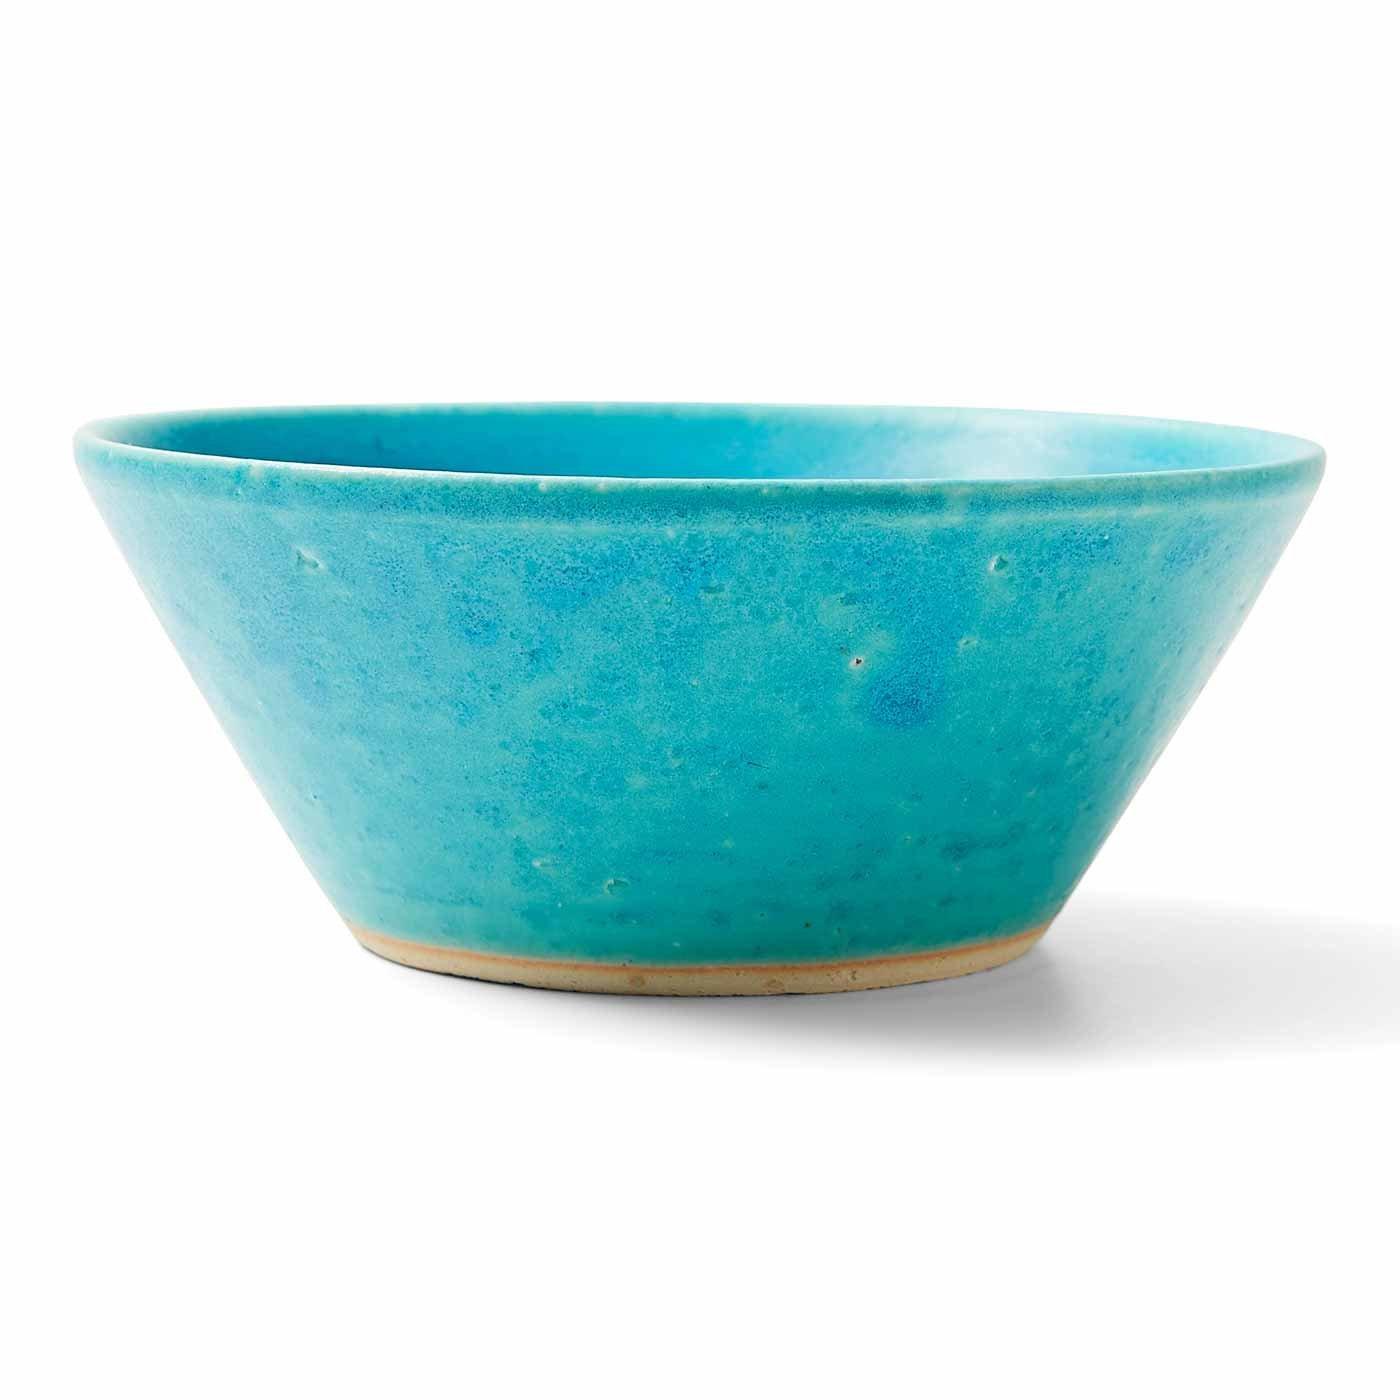 味わい深い青色小鉢の会